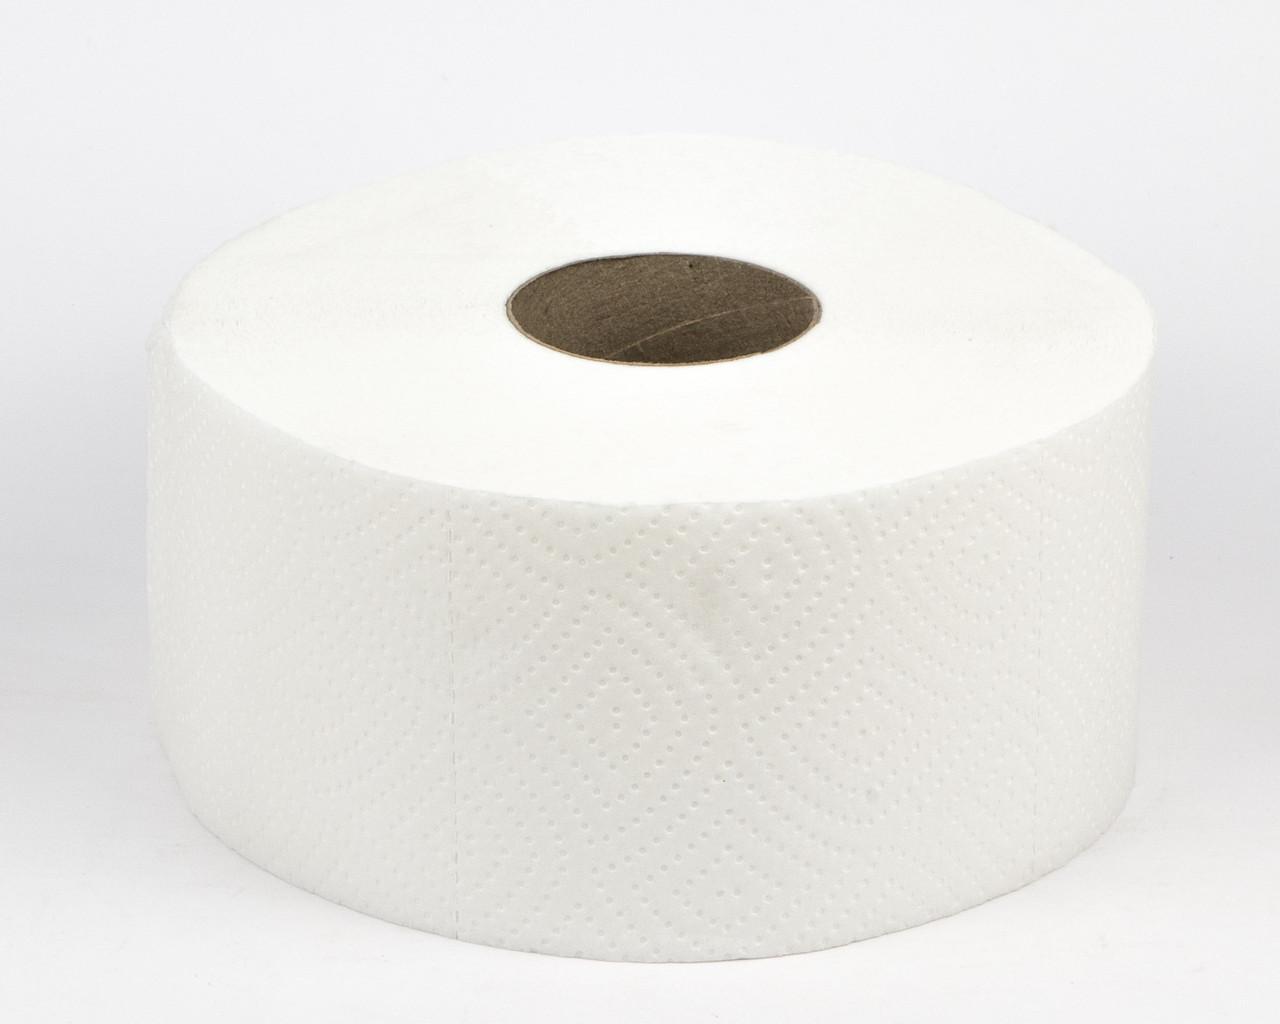 Папір туалетний білий в рулонах Джамбо, 2 шари, 100м, PRO3